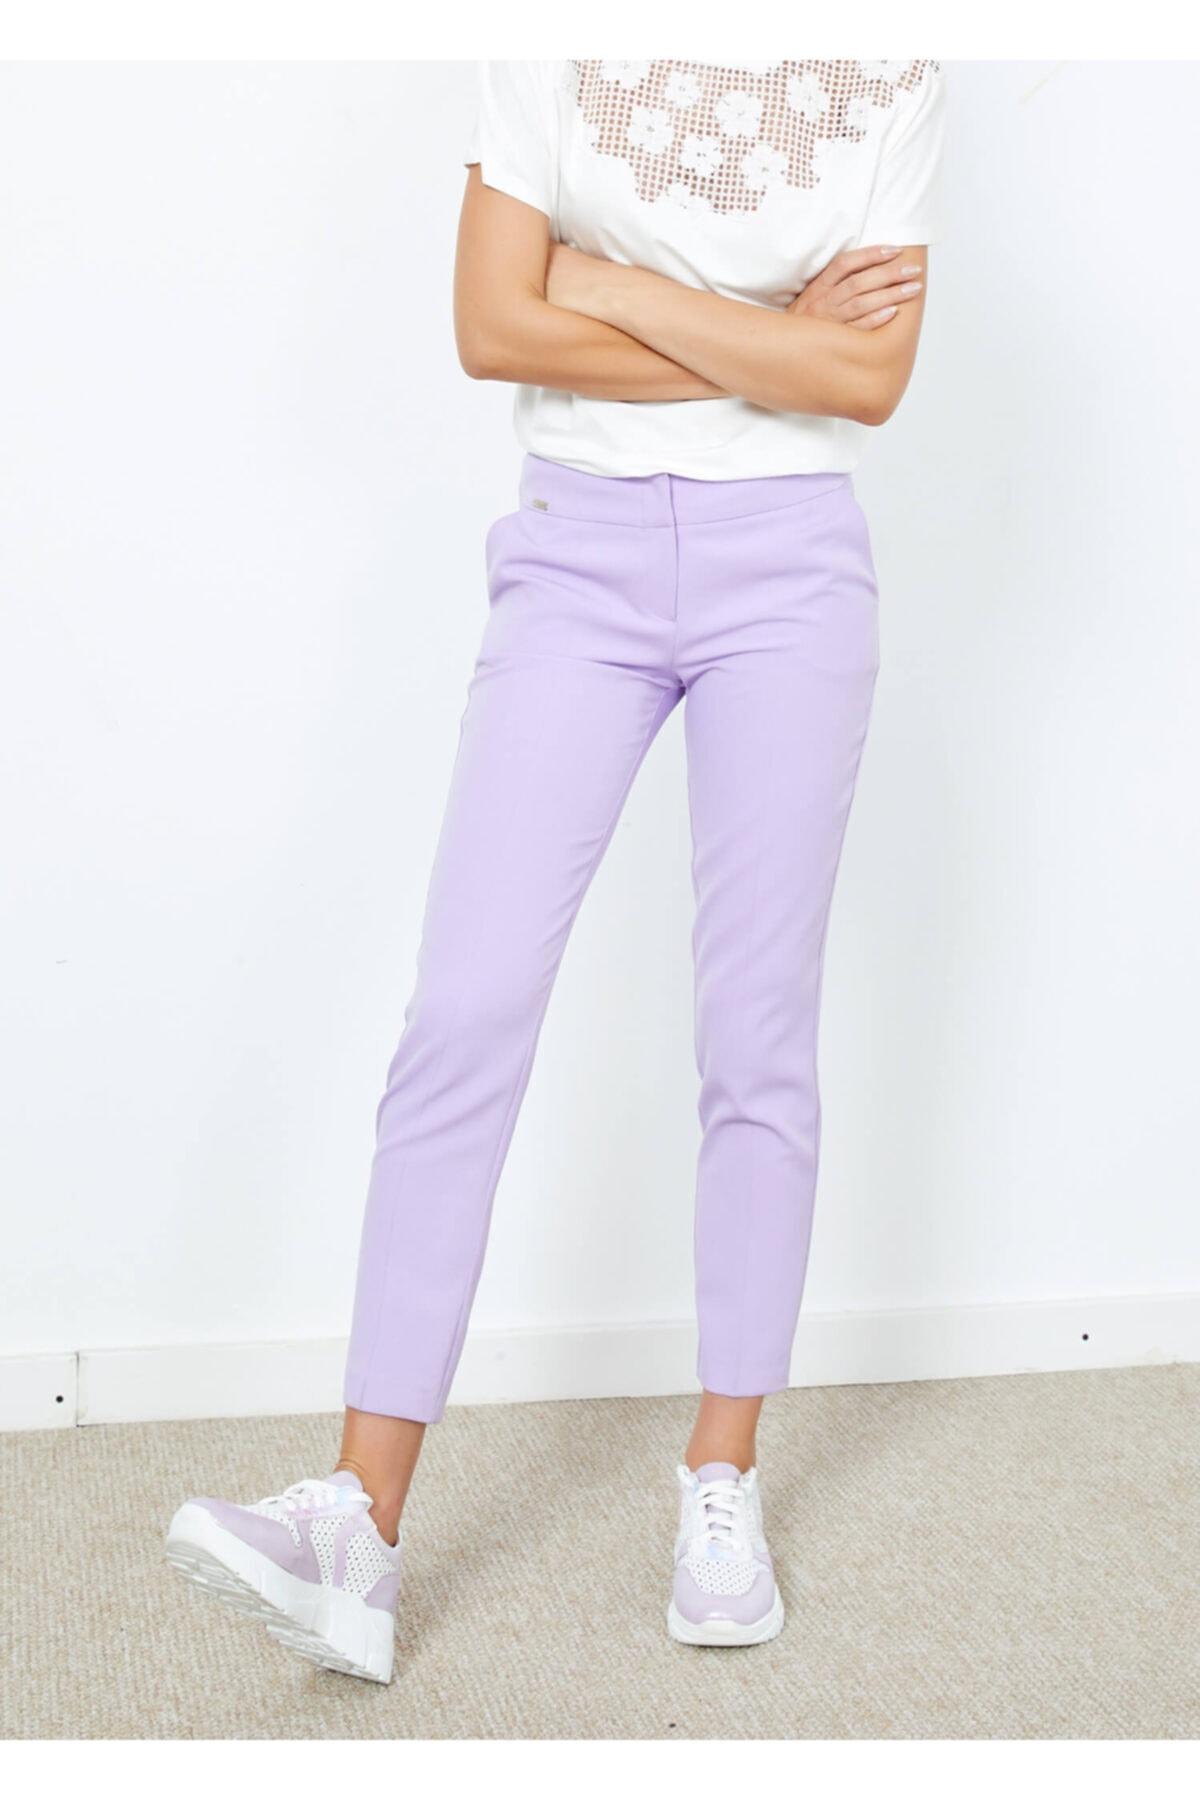 Adze Kadın Lila Yan Cepli Pantalon 36 1